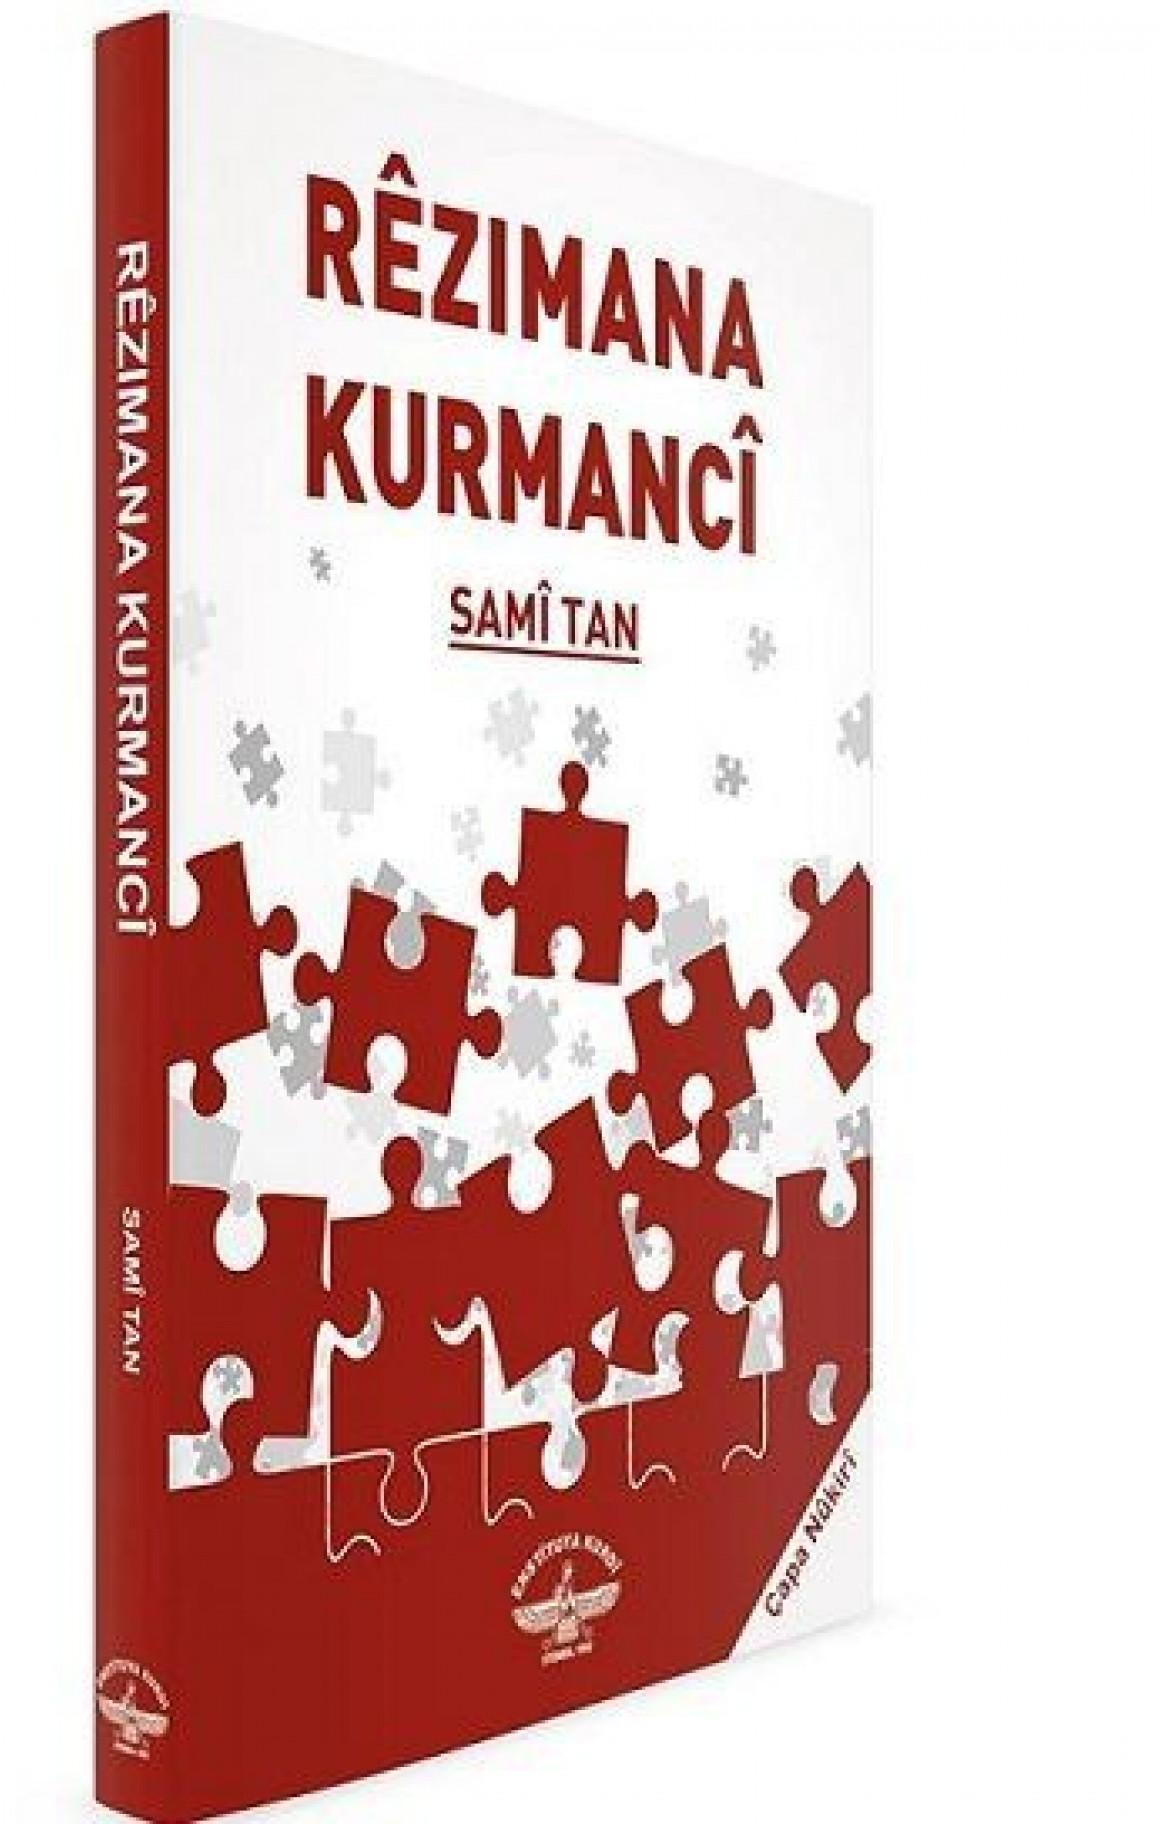 Rêzimana Kurmancî - Sami Tan